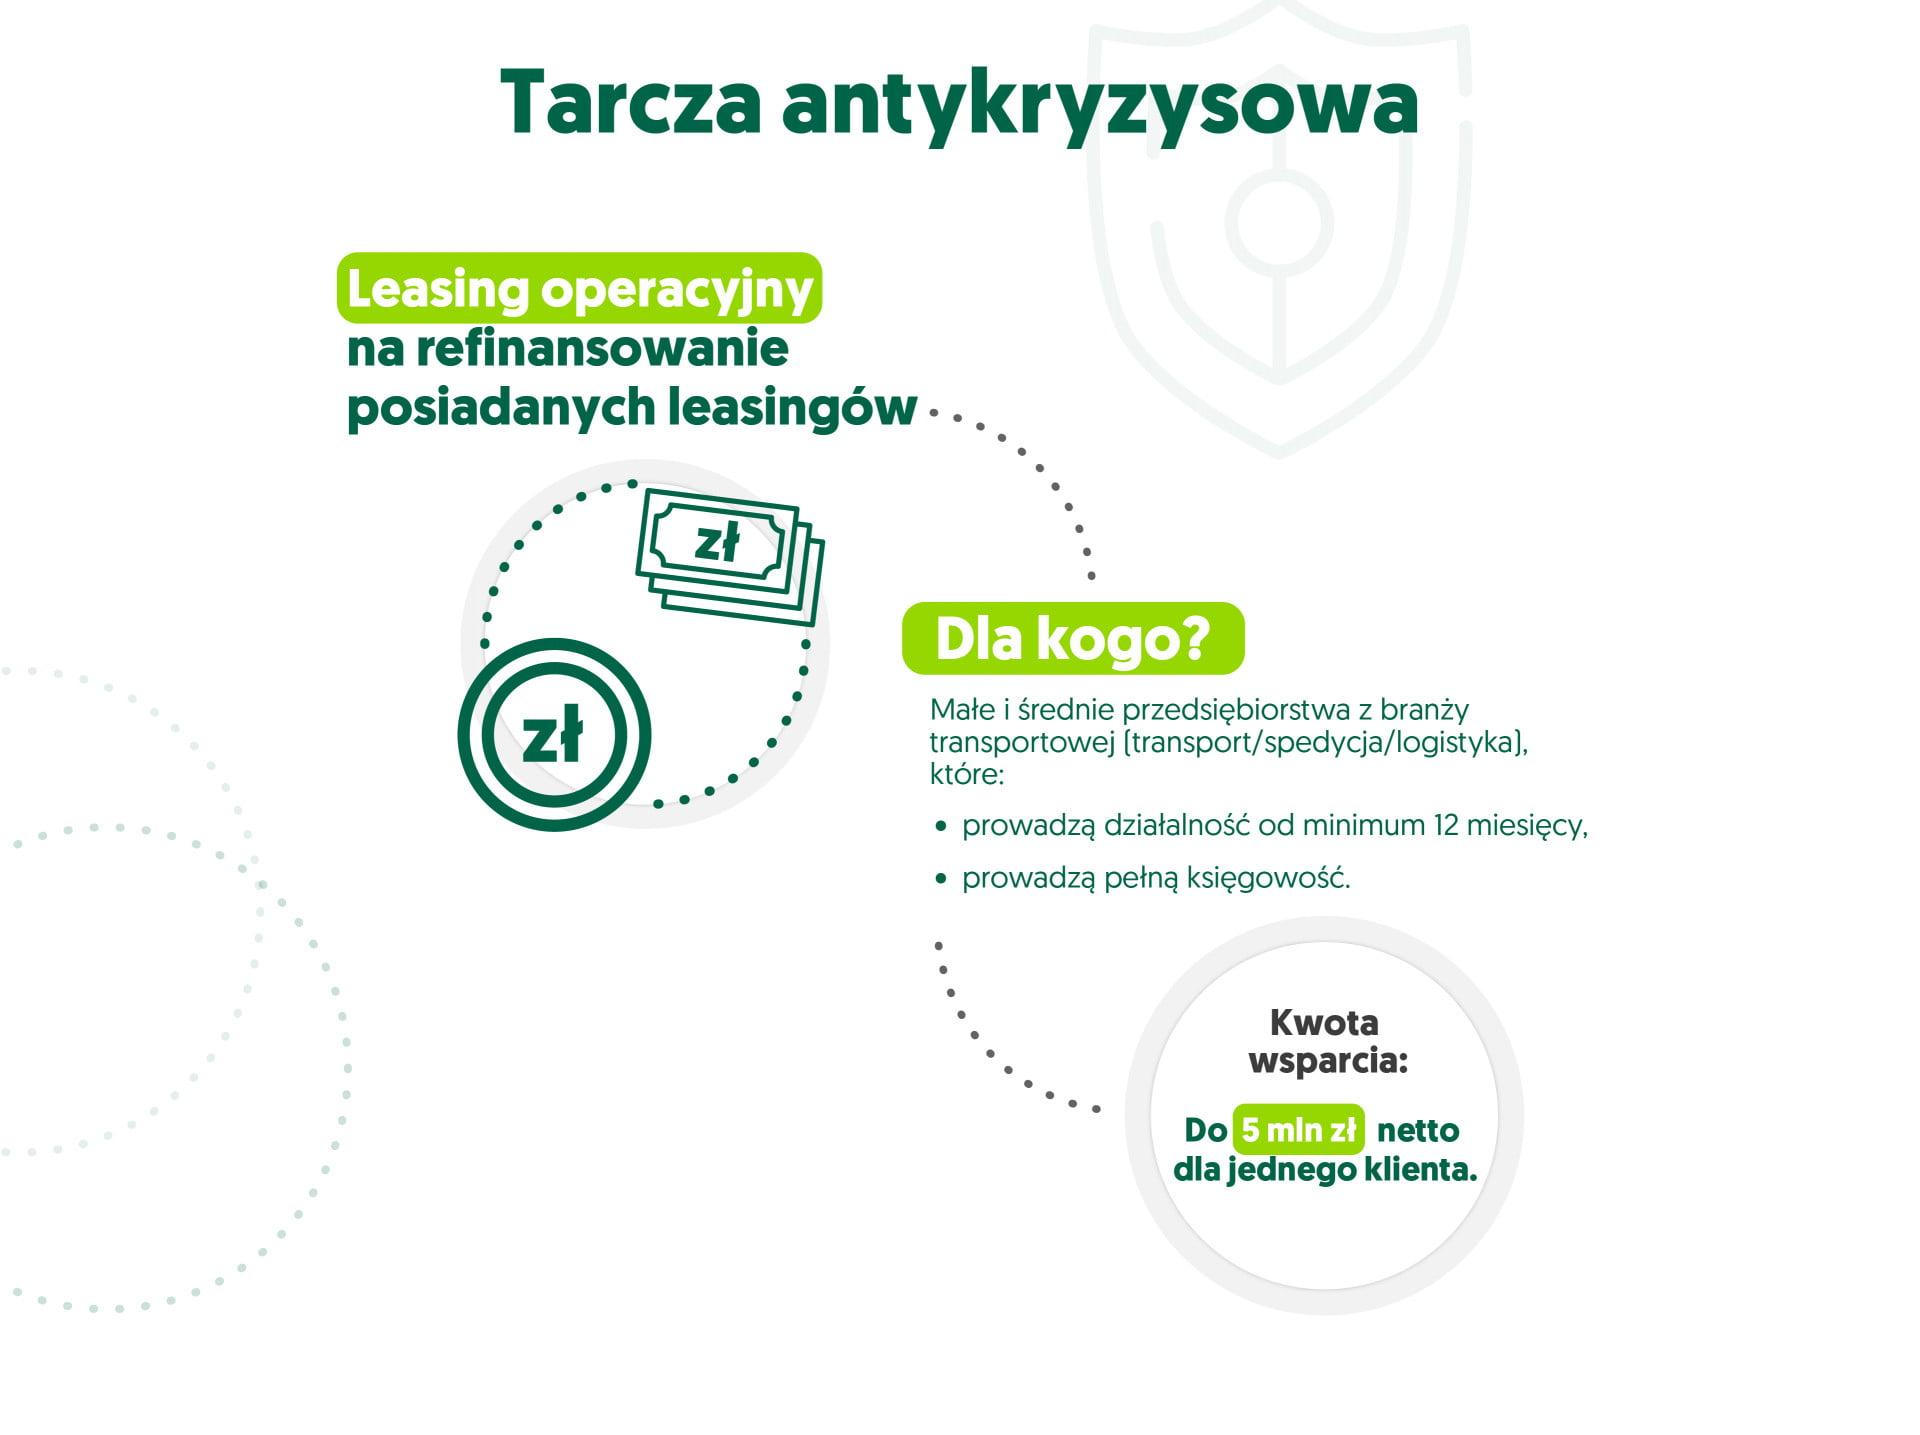 infografika tarcza antykryzysowa - leasing operacyjny